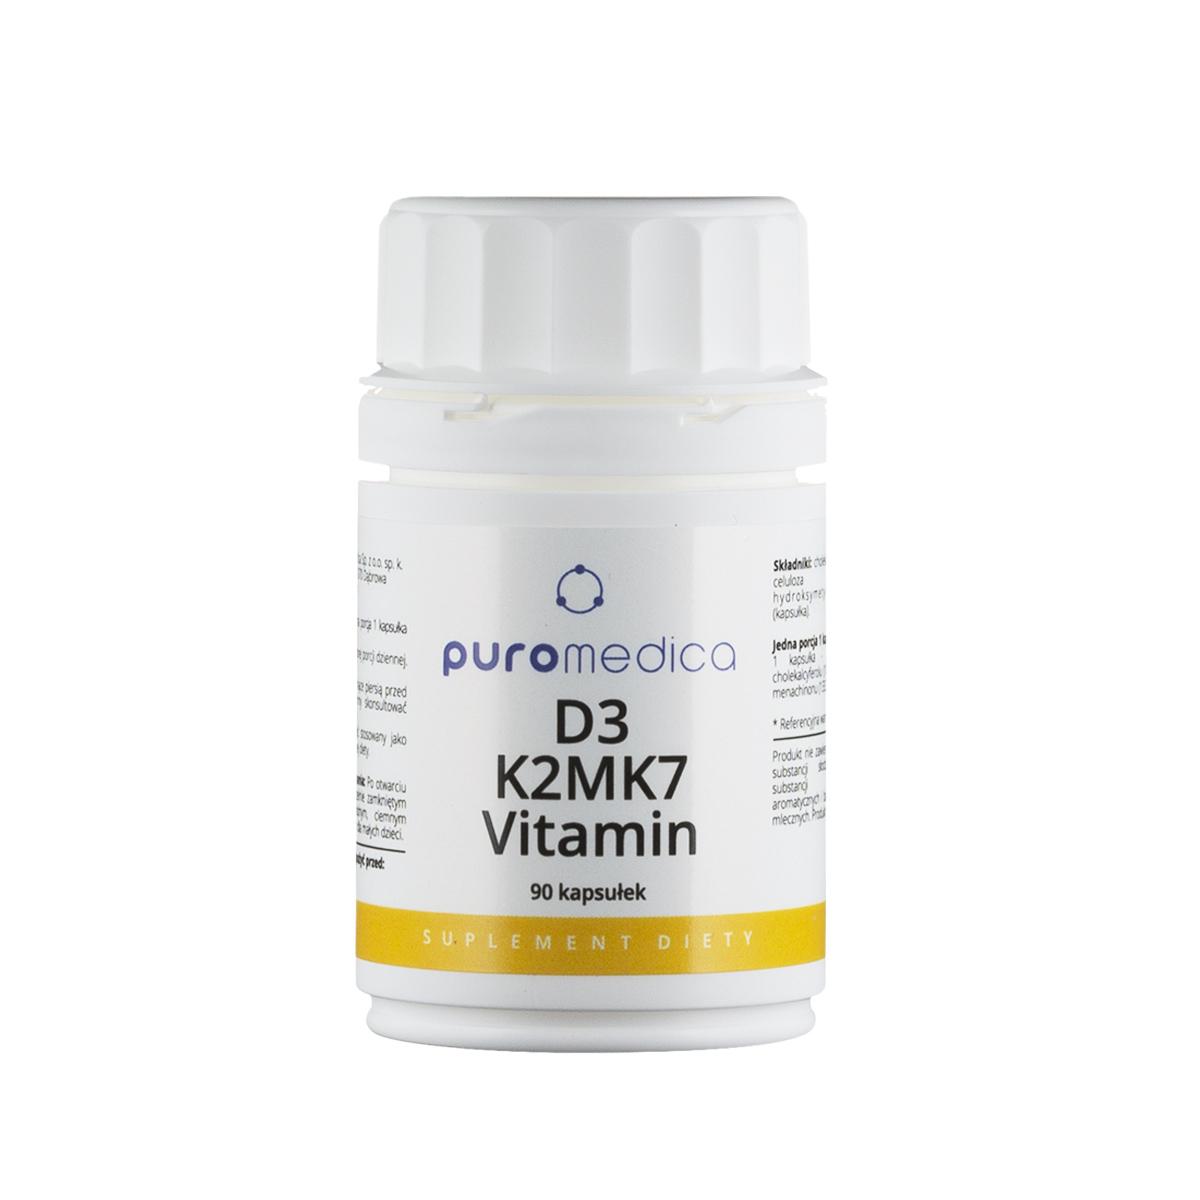 D3 K2MK7